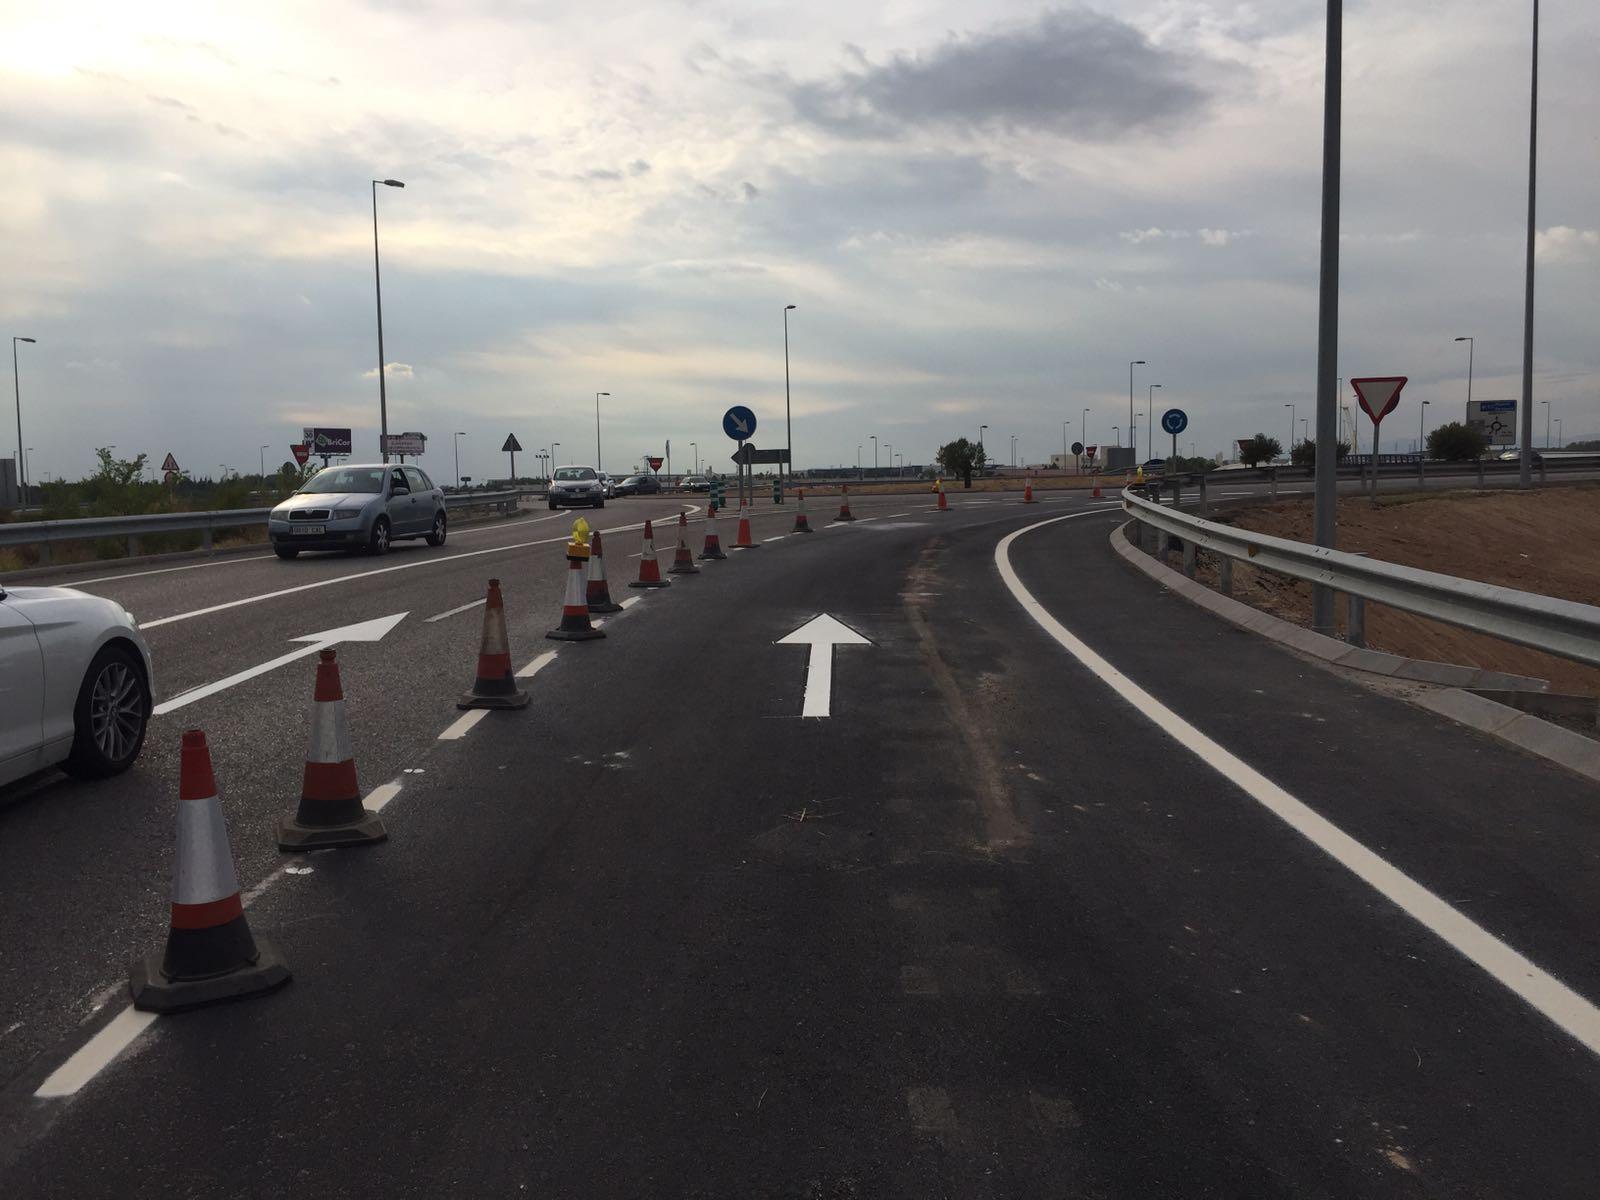 Adecuación del segundo carril de acceso a  la autovía A-2 entre Meco y Los Santos de la Humosa